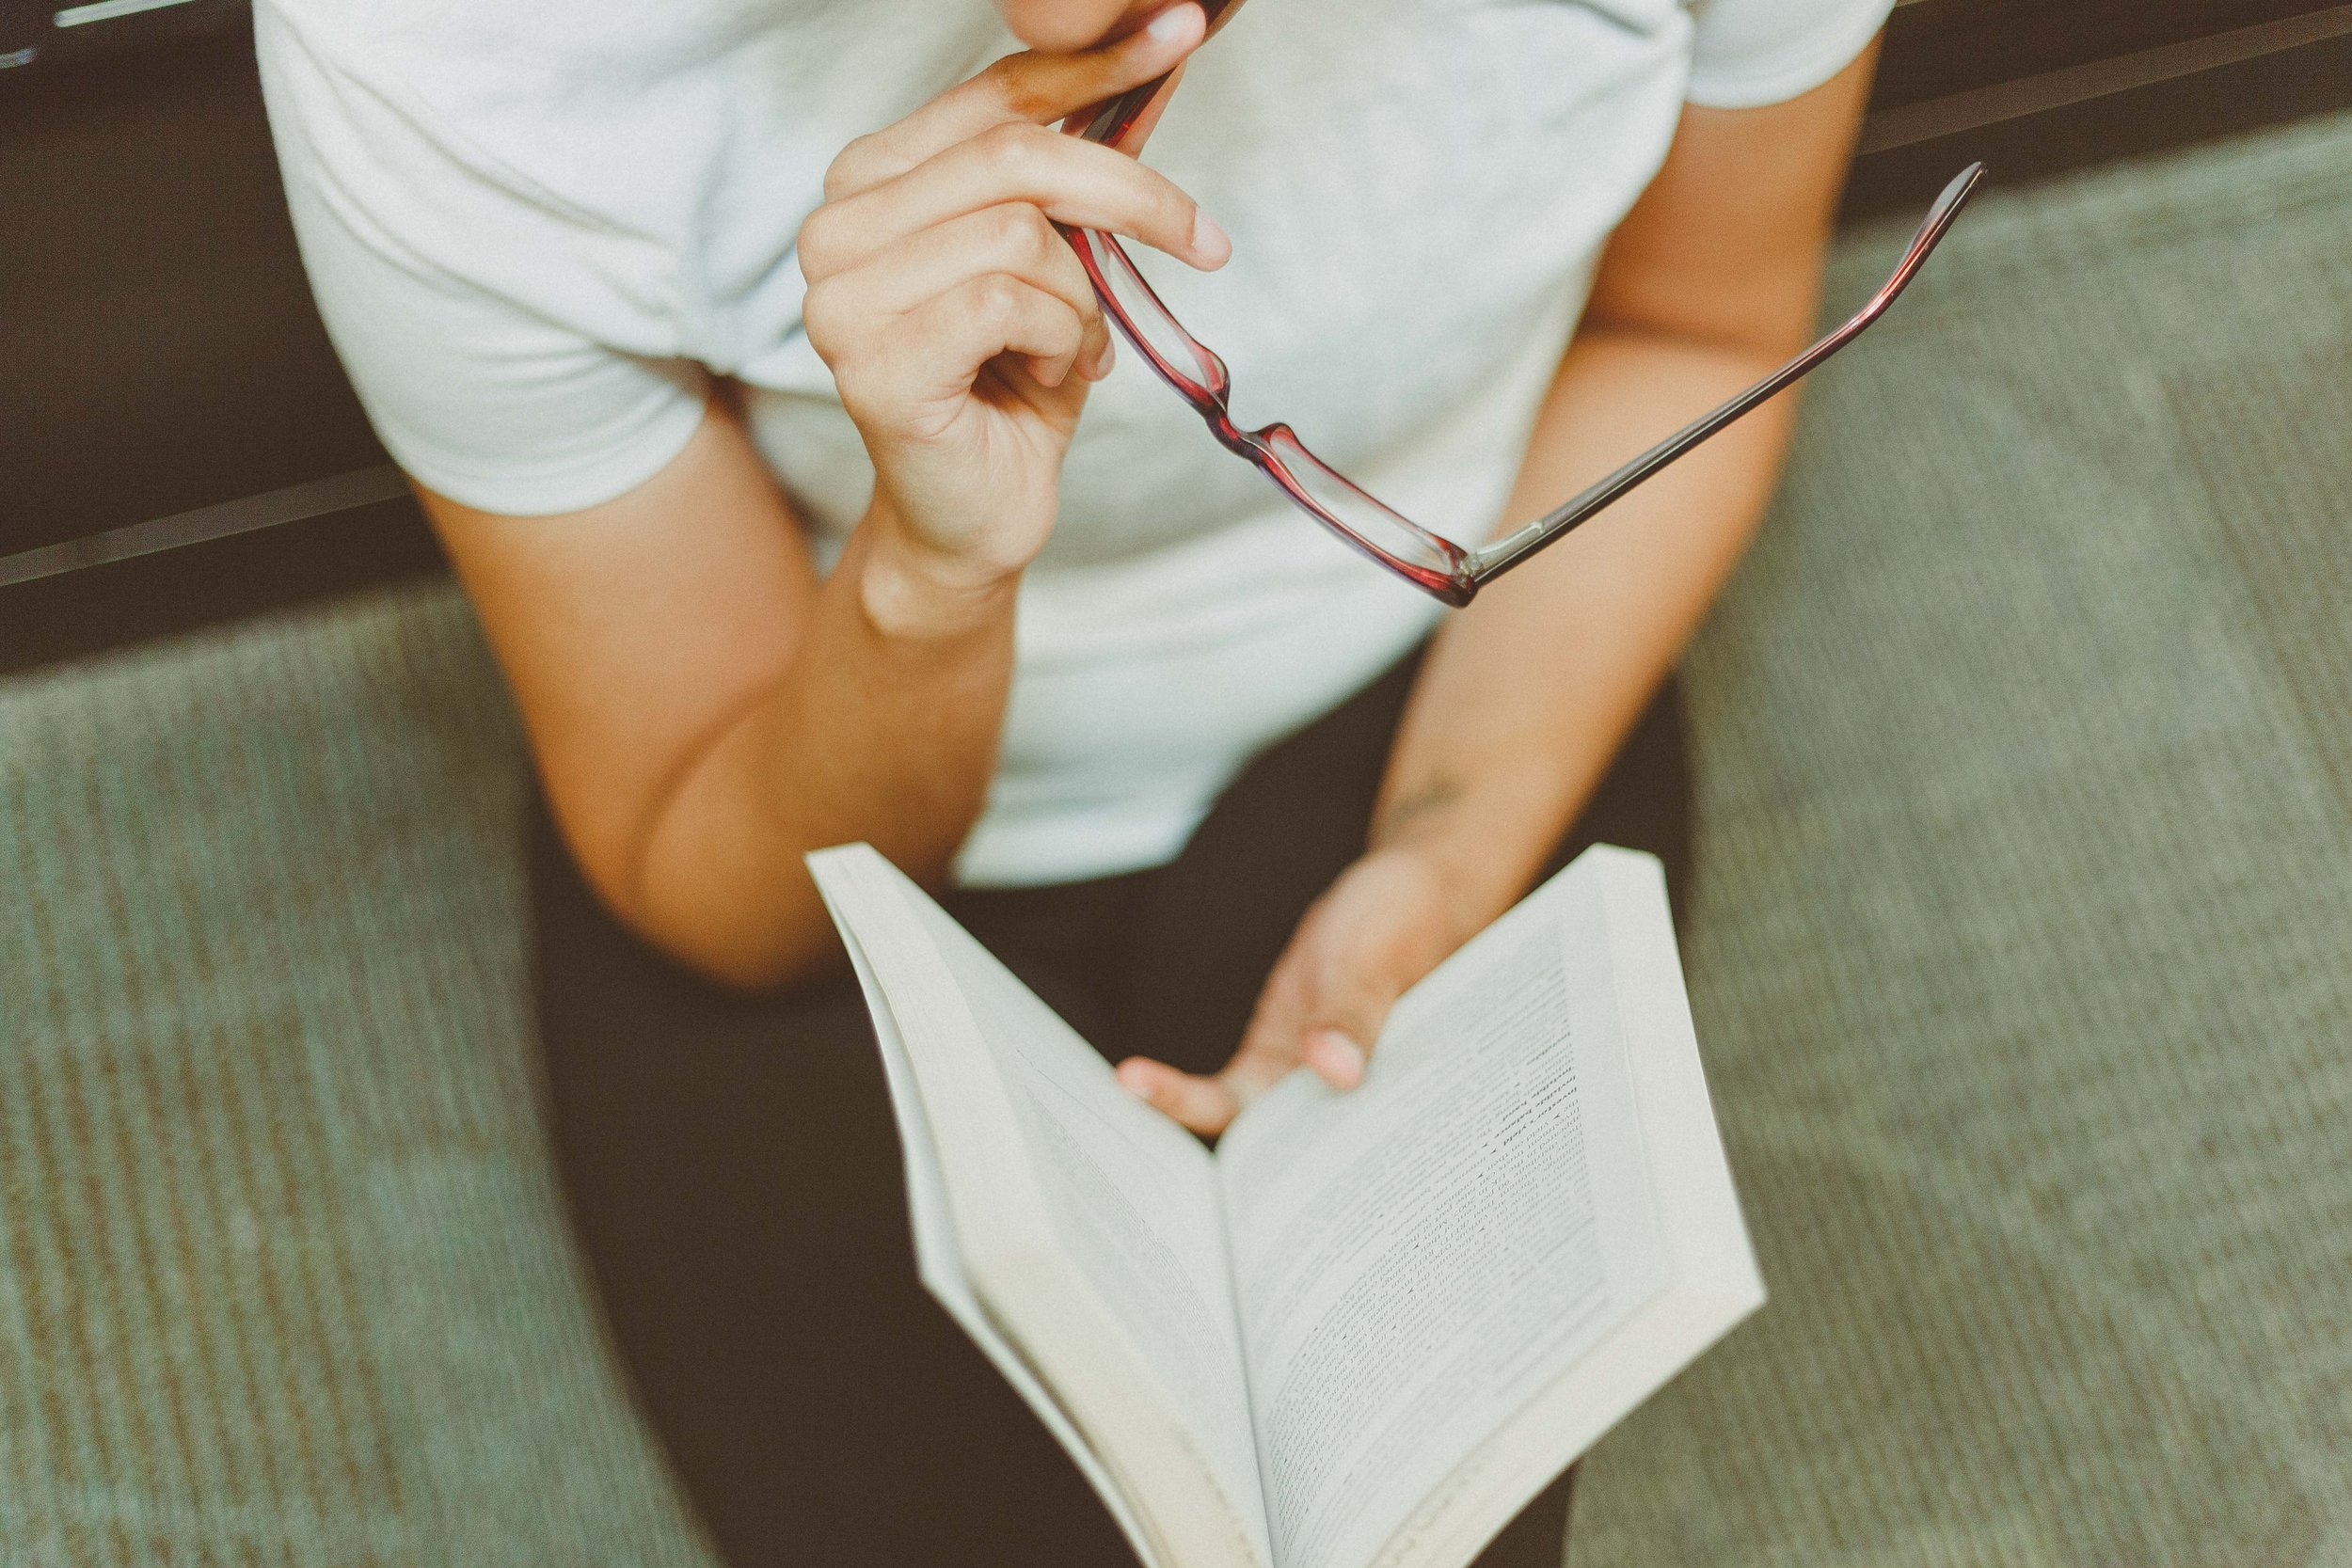 book-eyeglasses-girl-1082953.jpg